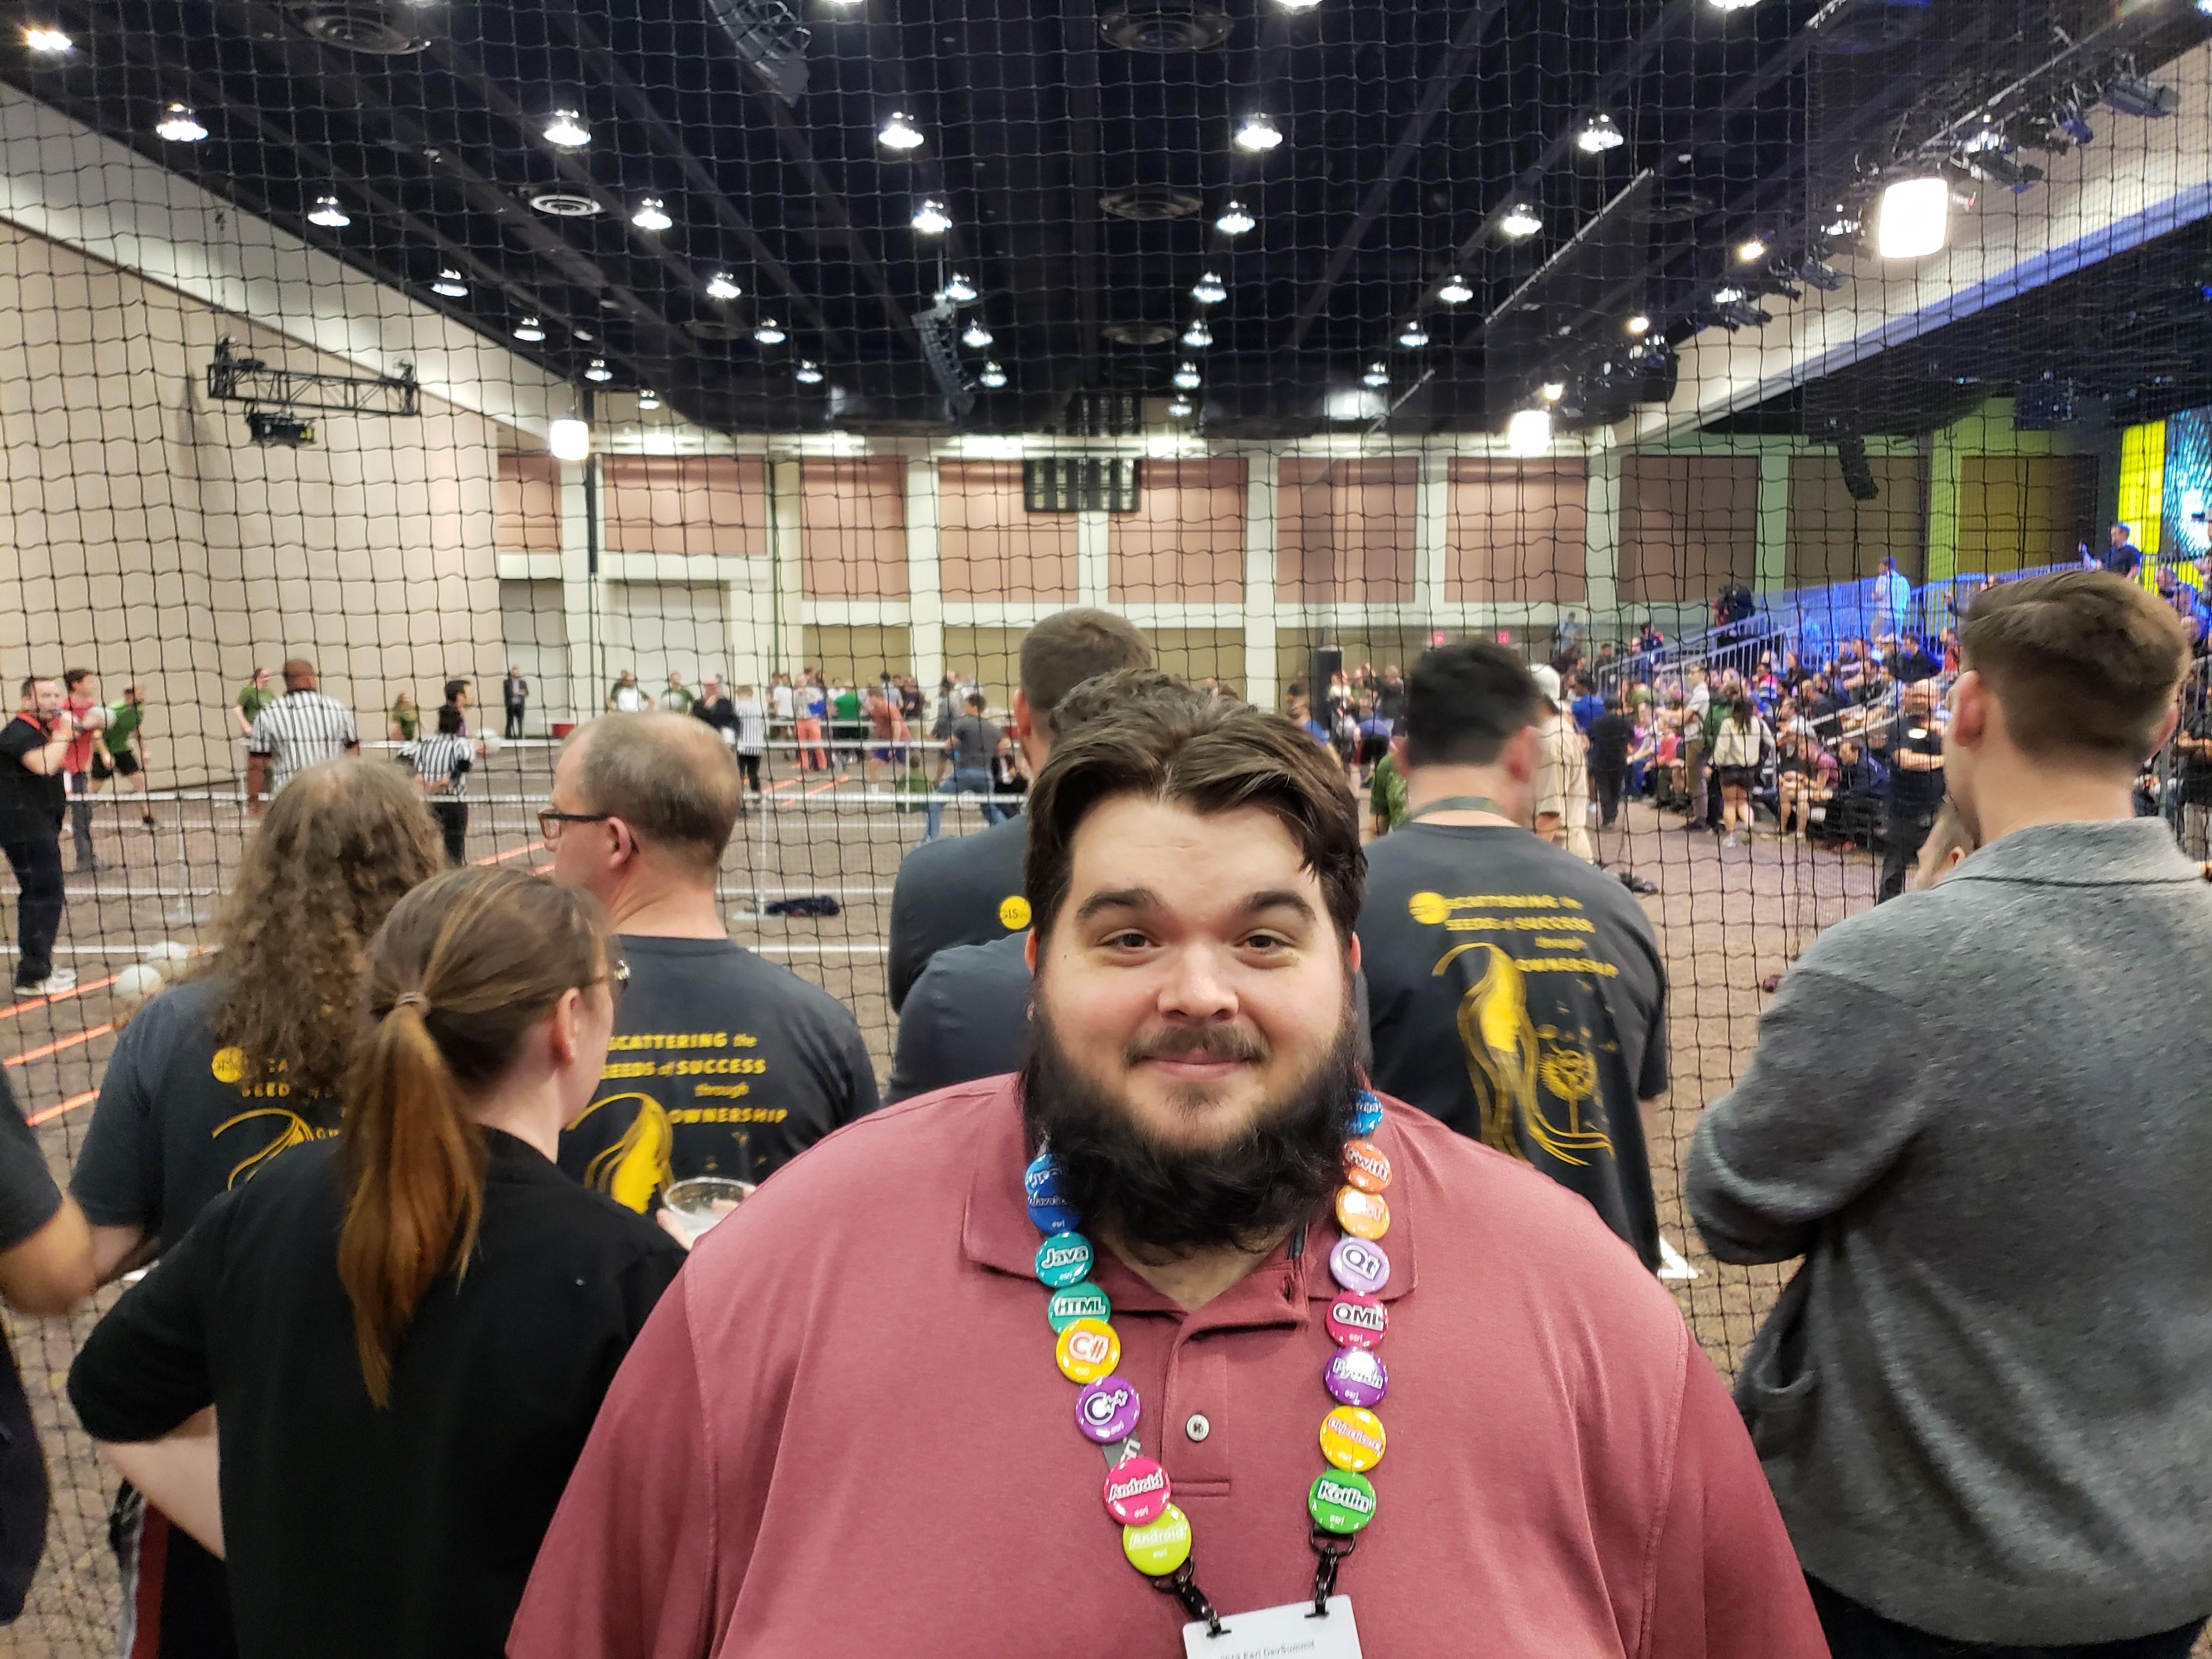 DevSummit GISinc Dodgeball 2019 - 3